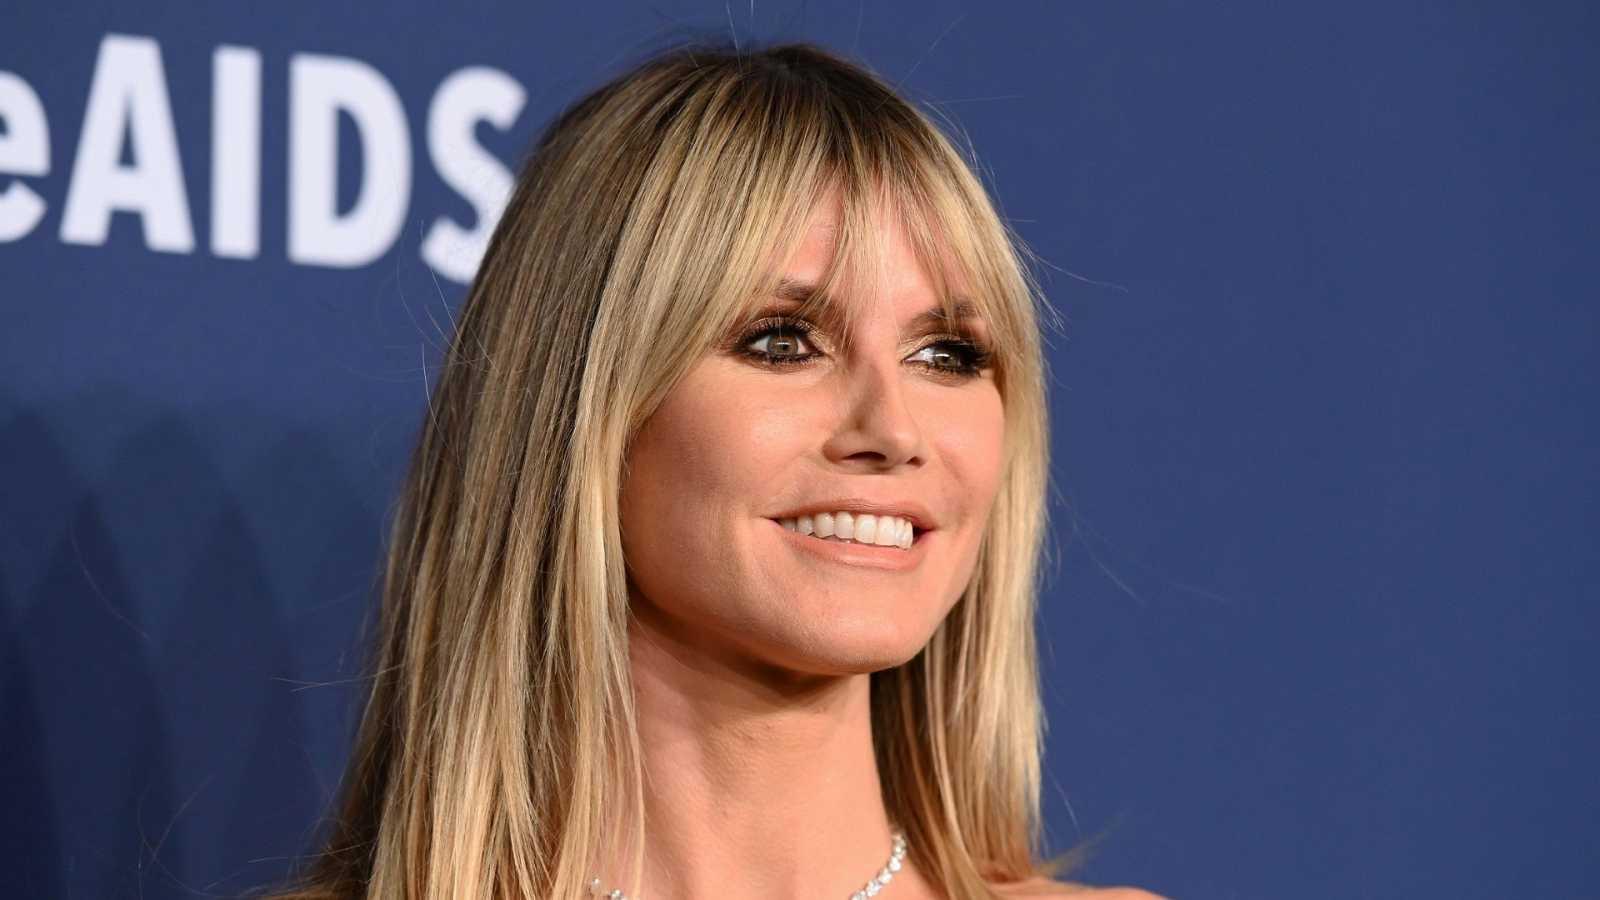 Corazón - Las declaraciones de Heidi Klum sobre el acoso de Victoria¿s Secret